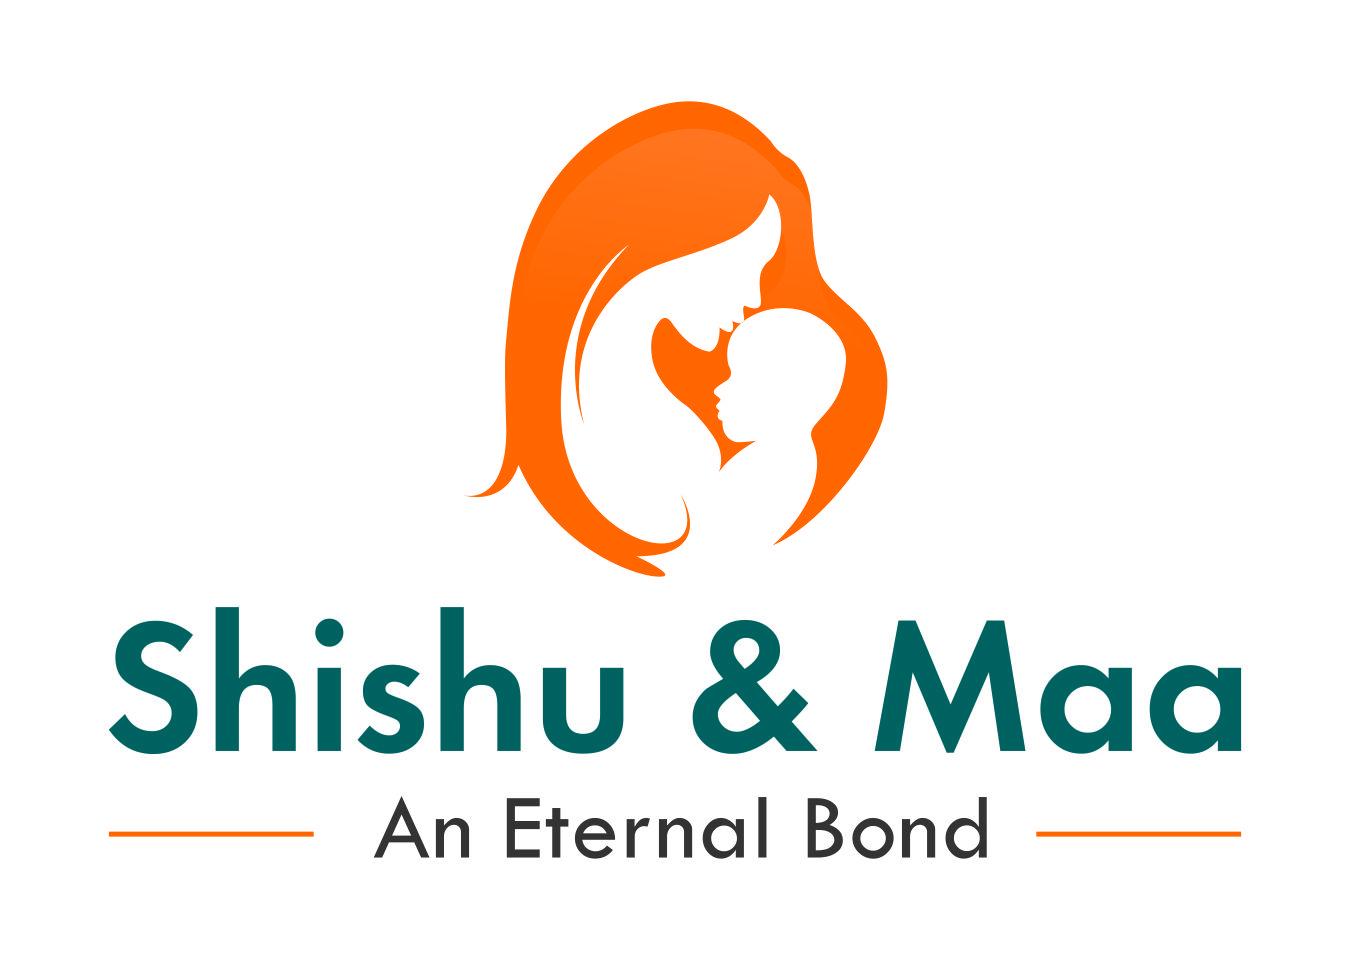 Shishu & Maa